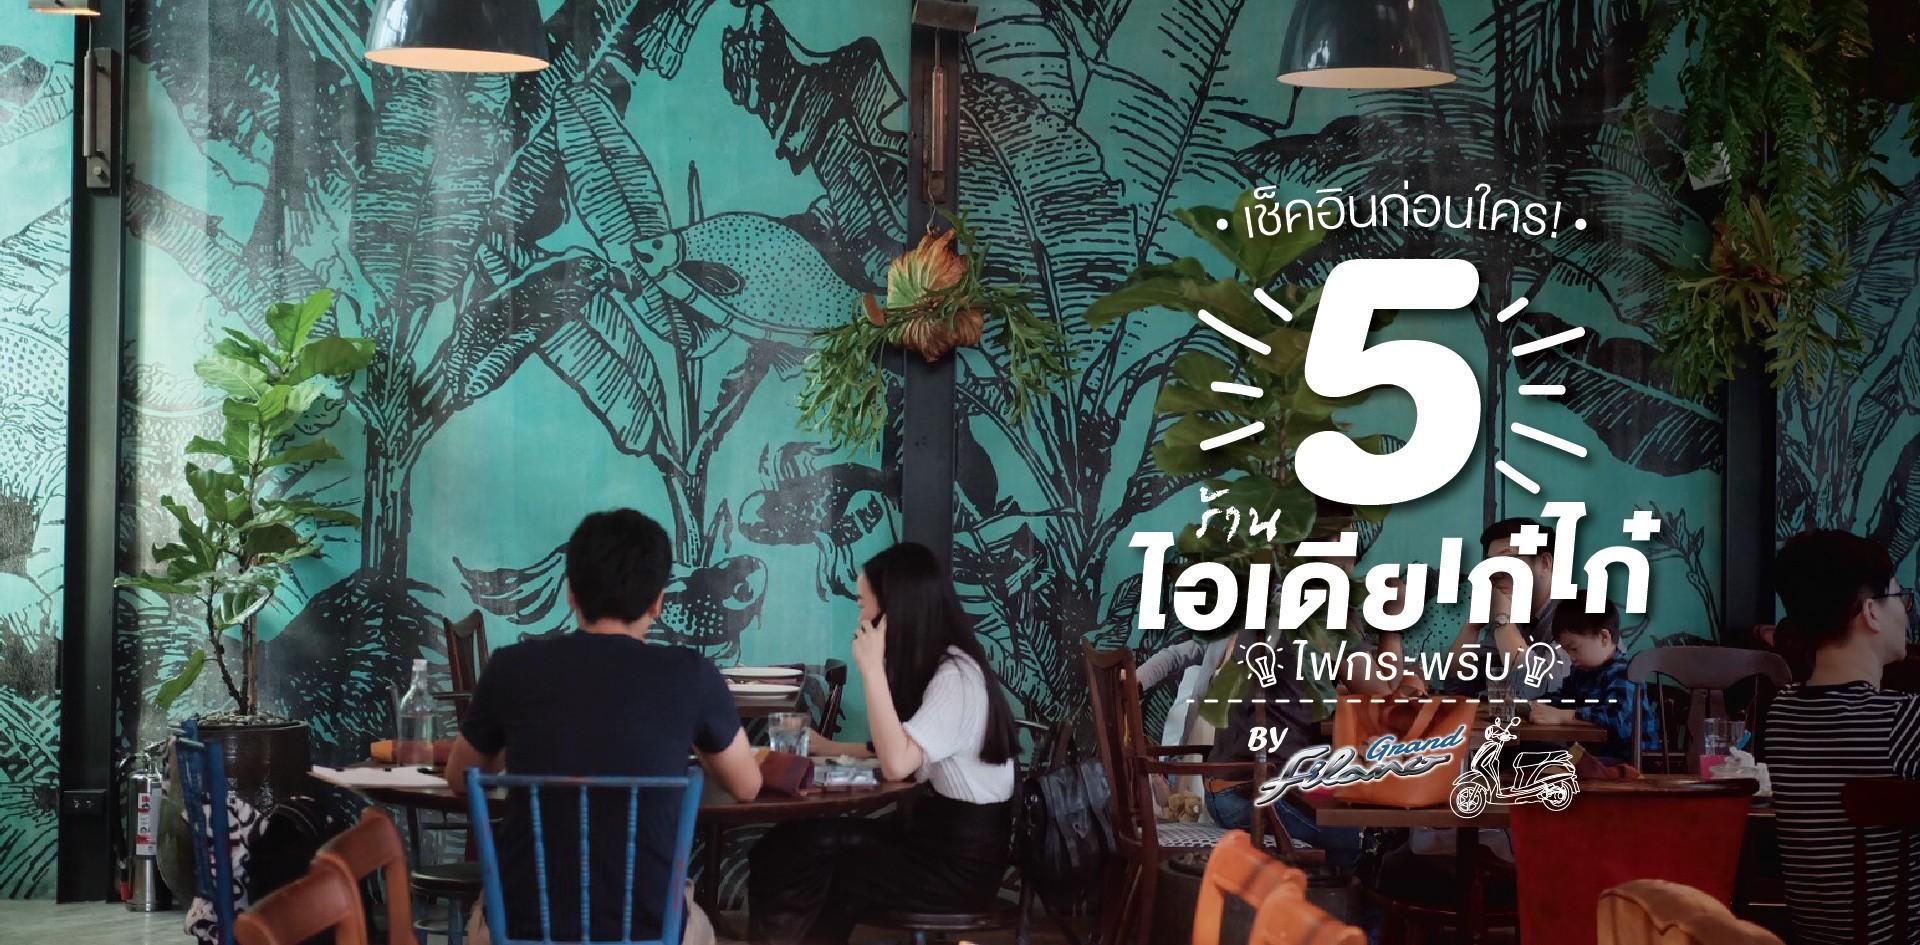 5 ร้านอาหารไอเดียเก๋ไก๋ ร้านไอเดียดีในเมืองไทย